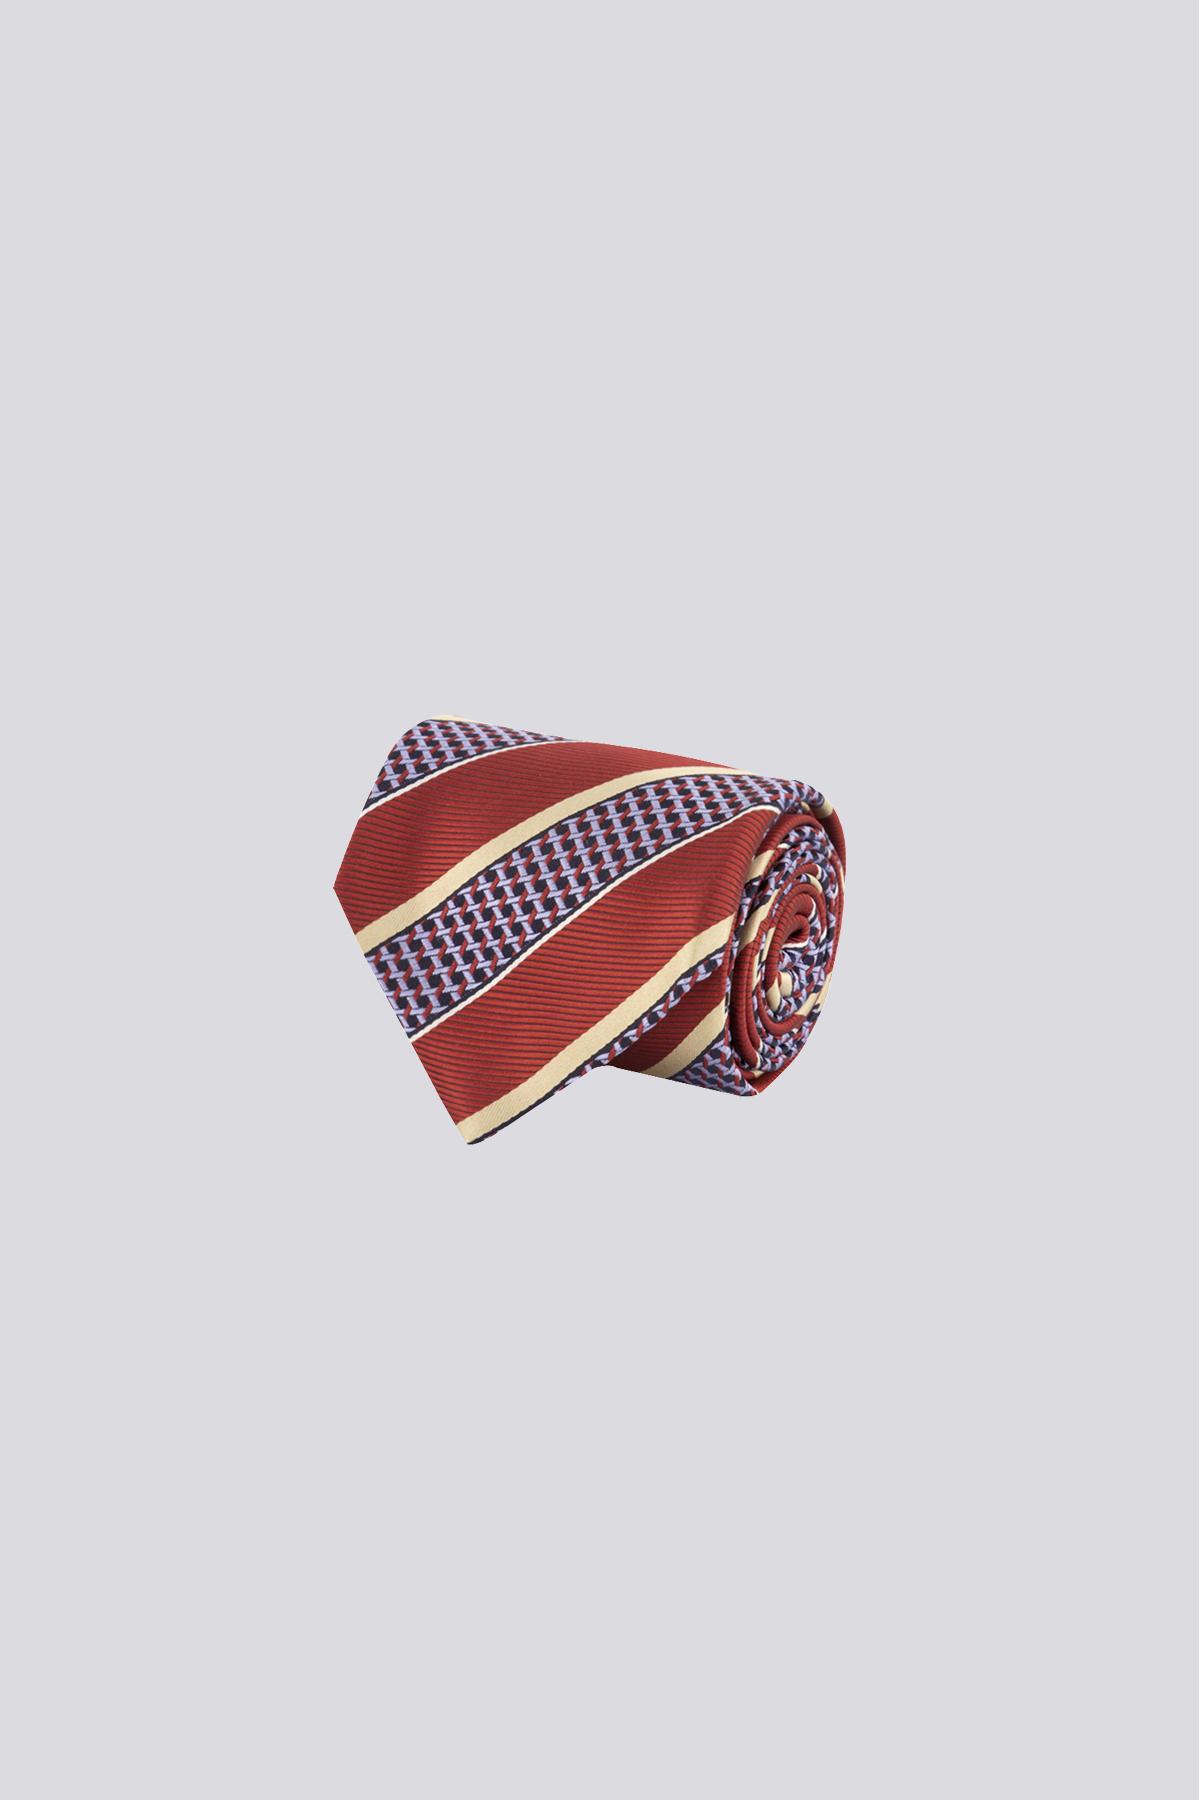 Corbata de seda marca CANALI rojo brillante con rayas a contraste